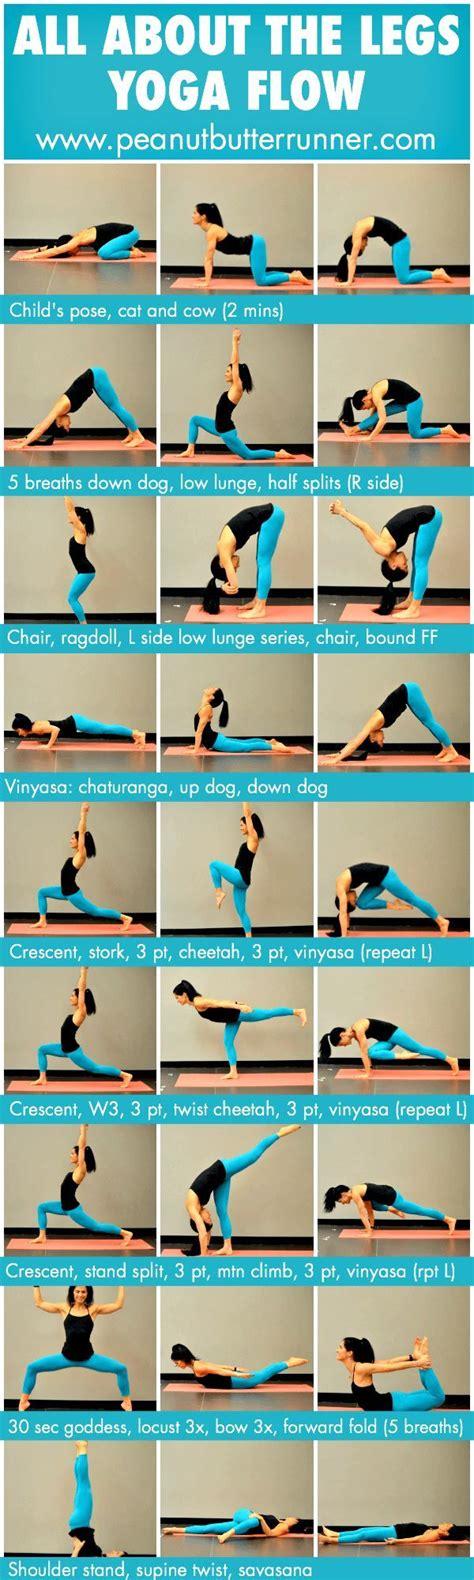 exercises in style new 0811220354 die 25 besten ideen zu workout bauch auf fitness routinen ganzk 246 rpertraining und